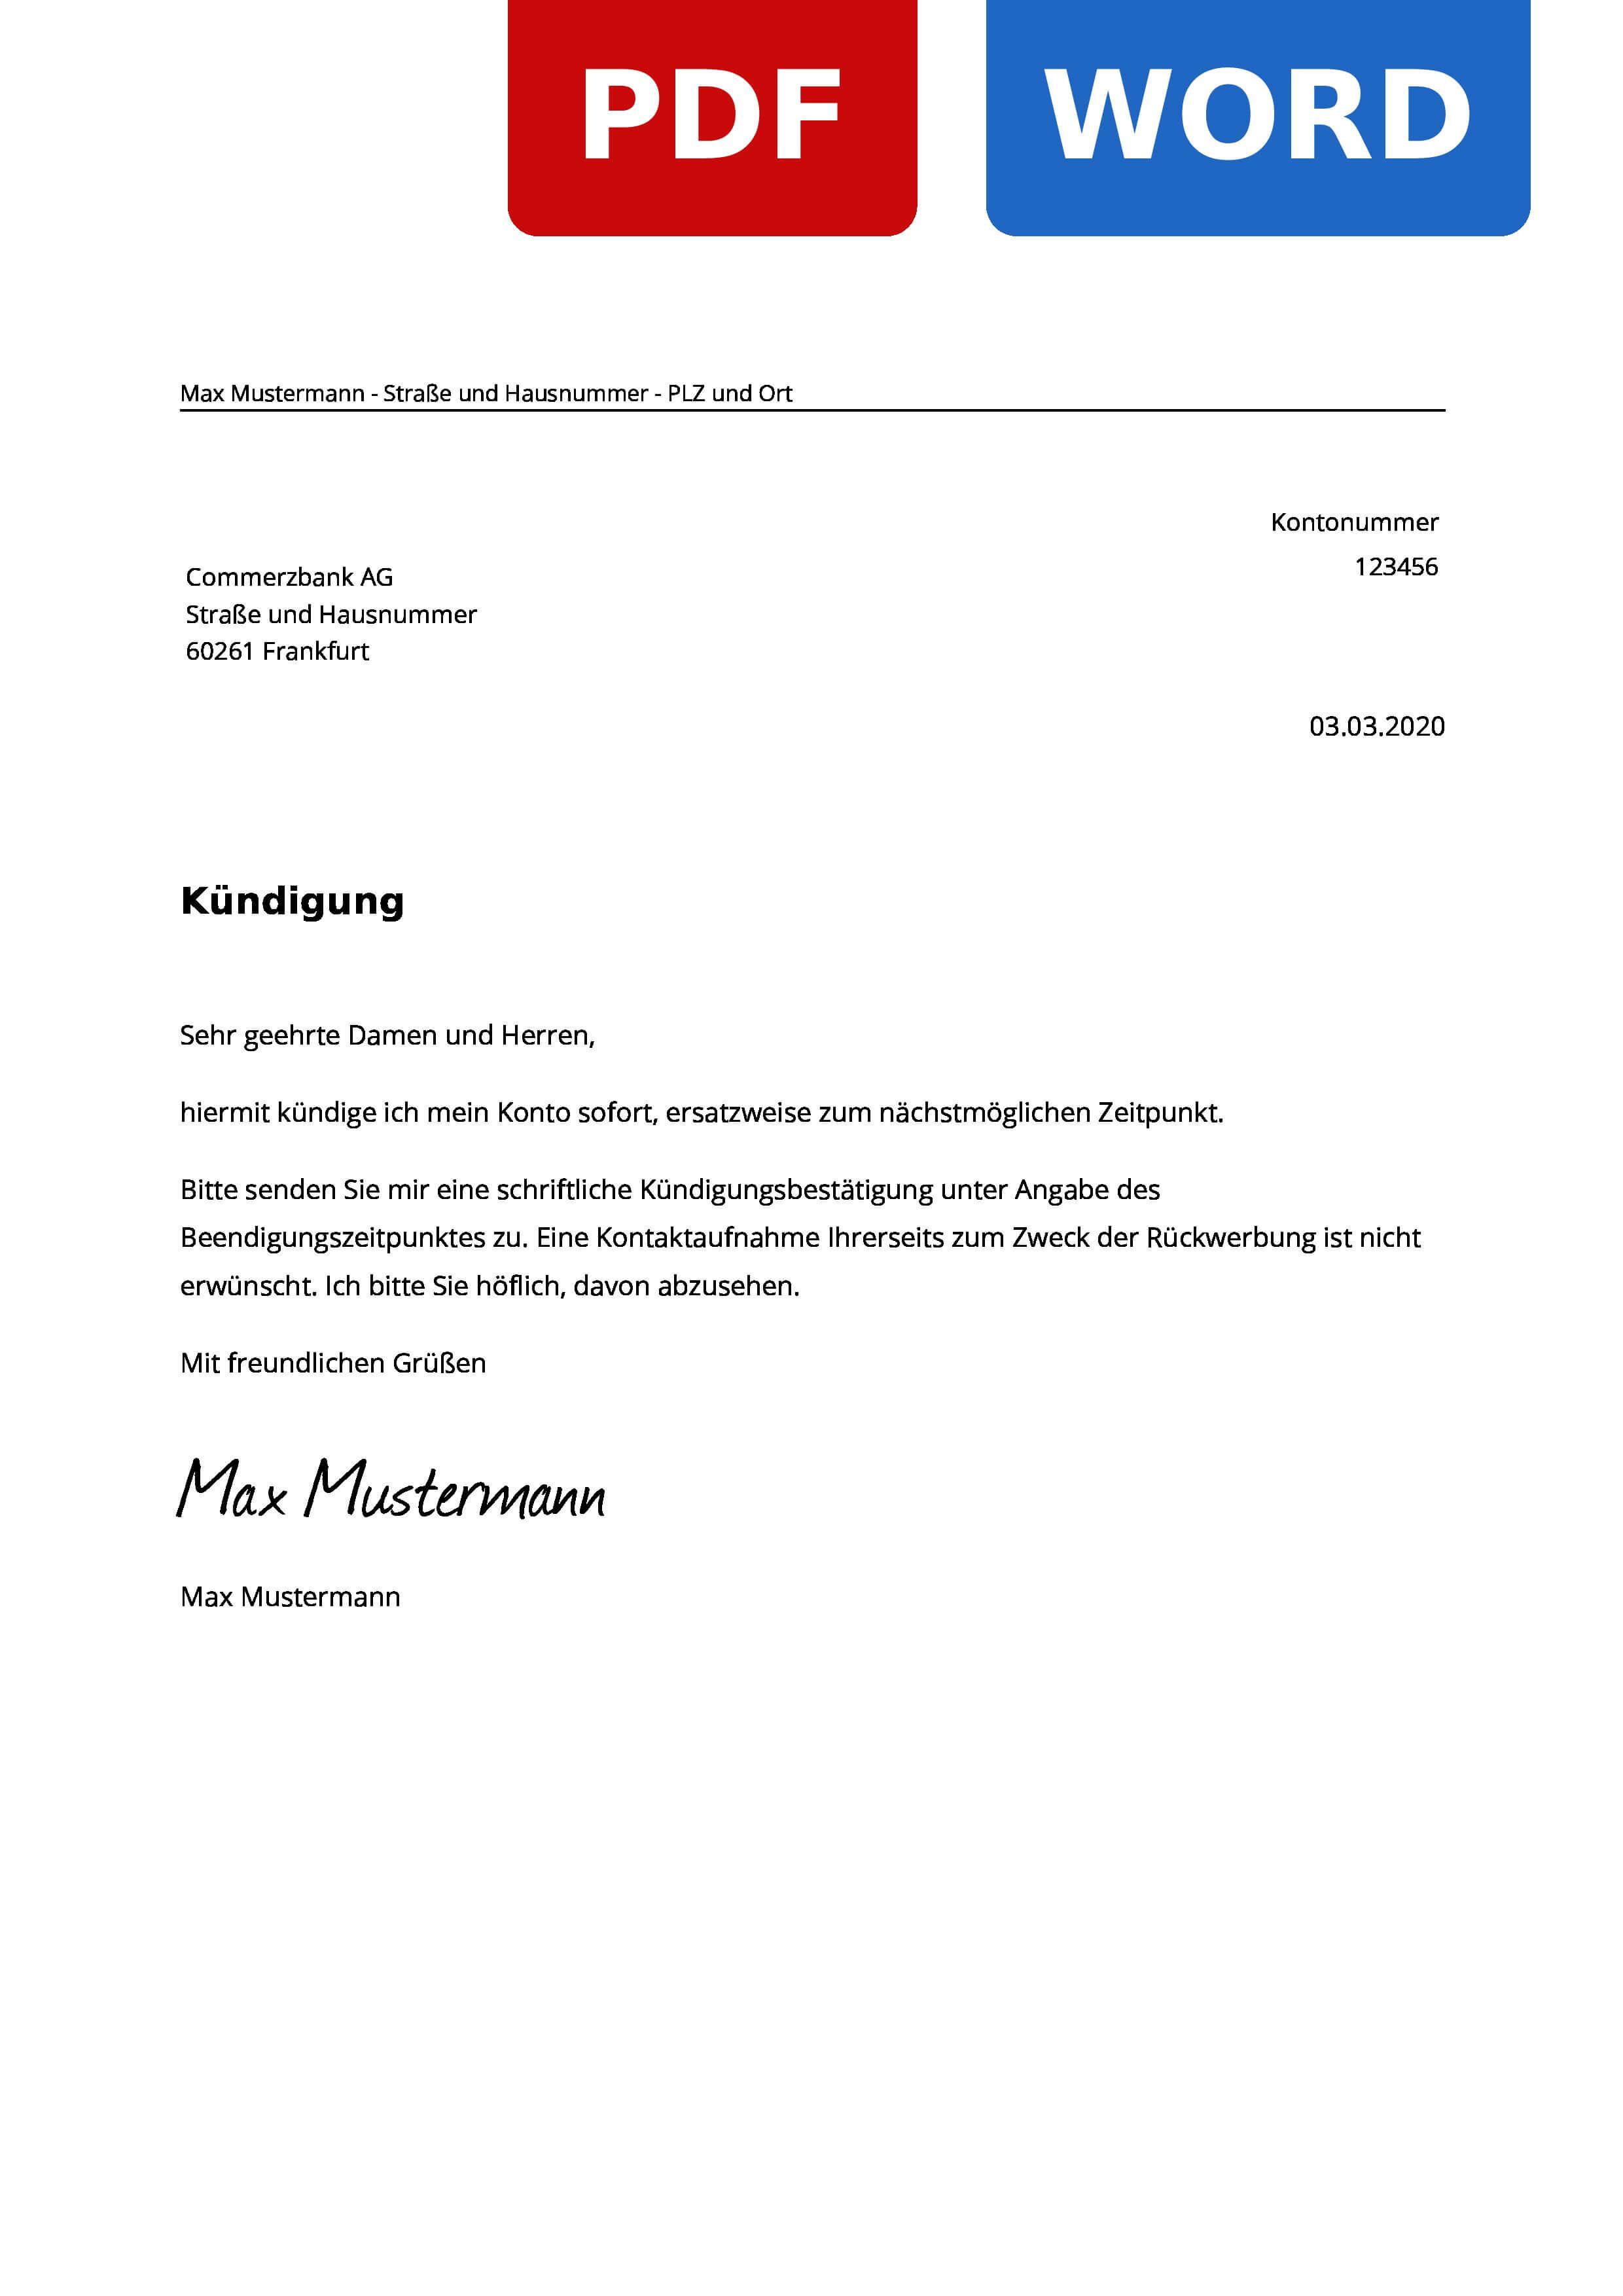 Commerzbank Kundigen Muster Vorlage Zur Kundigung